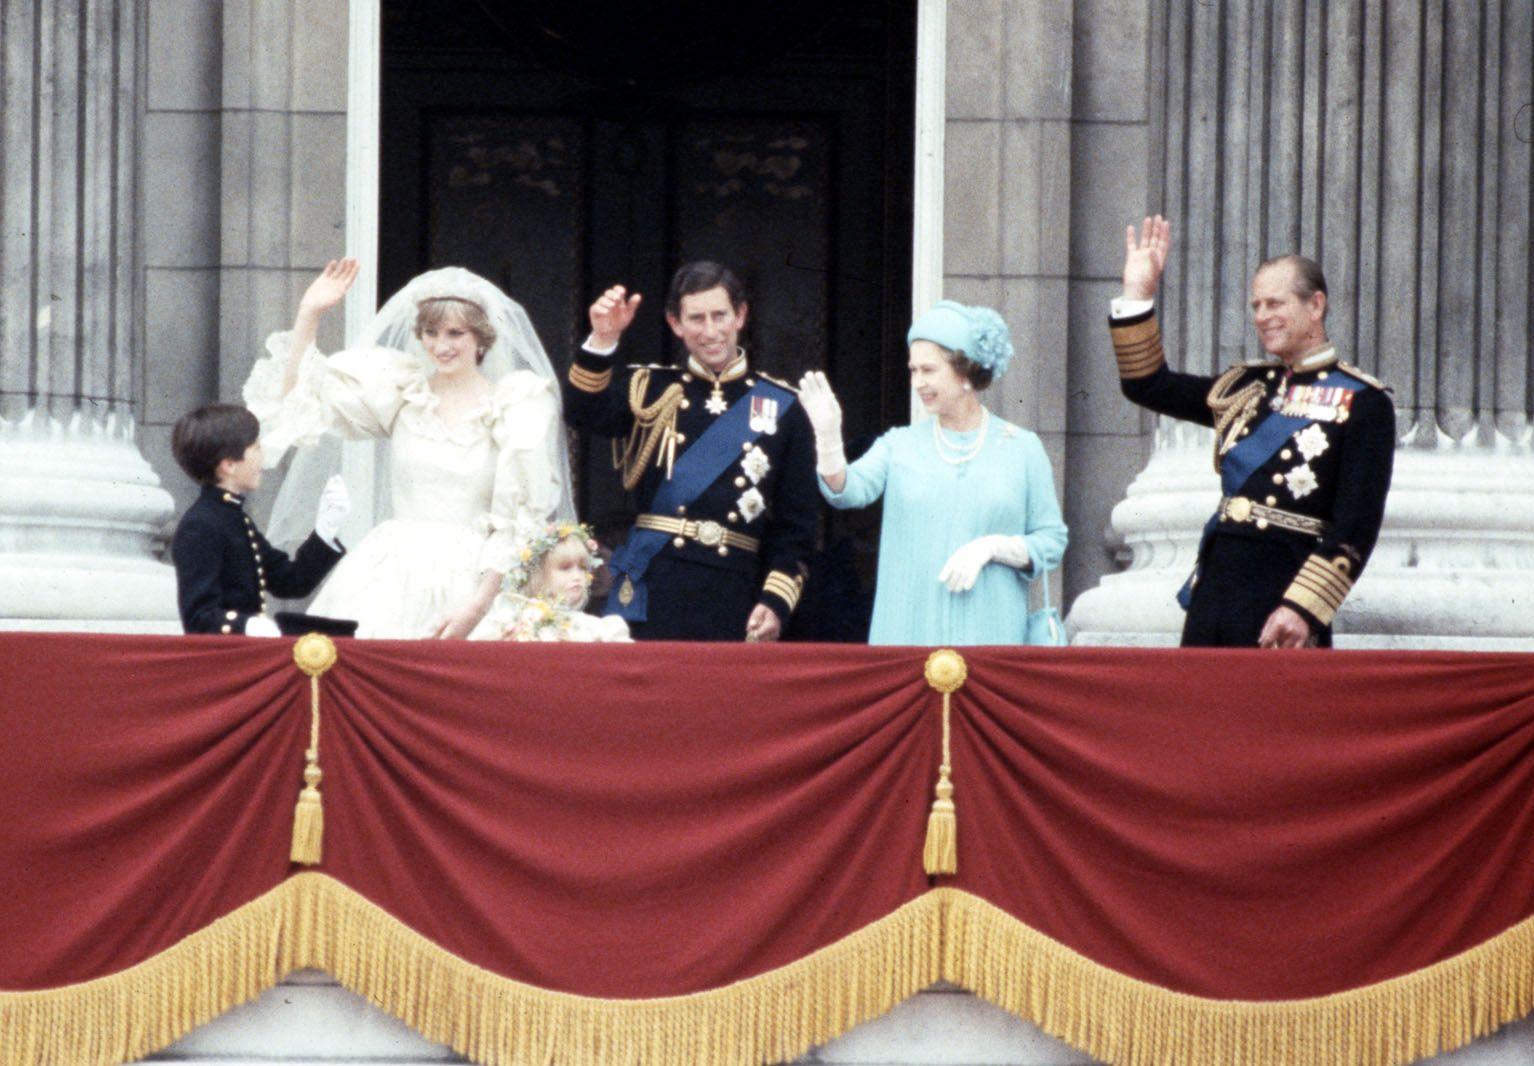 Their Eldest Child's Royal Wedding